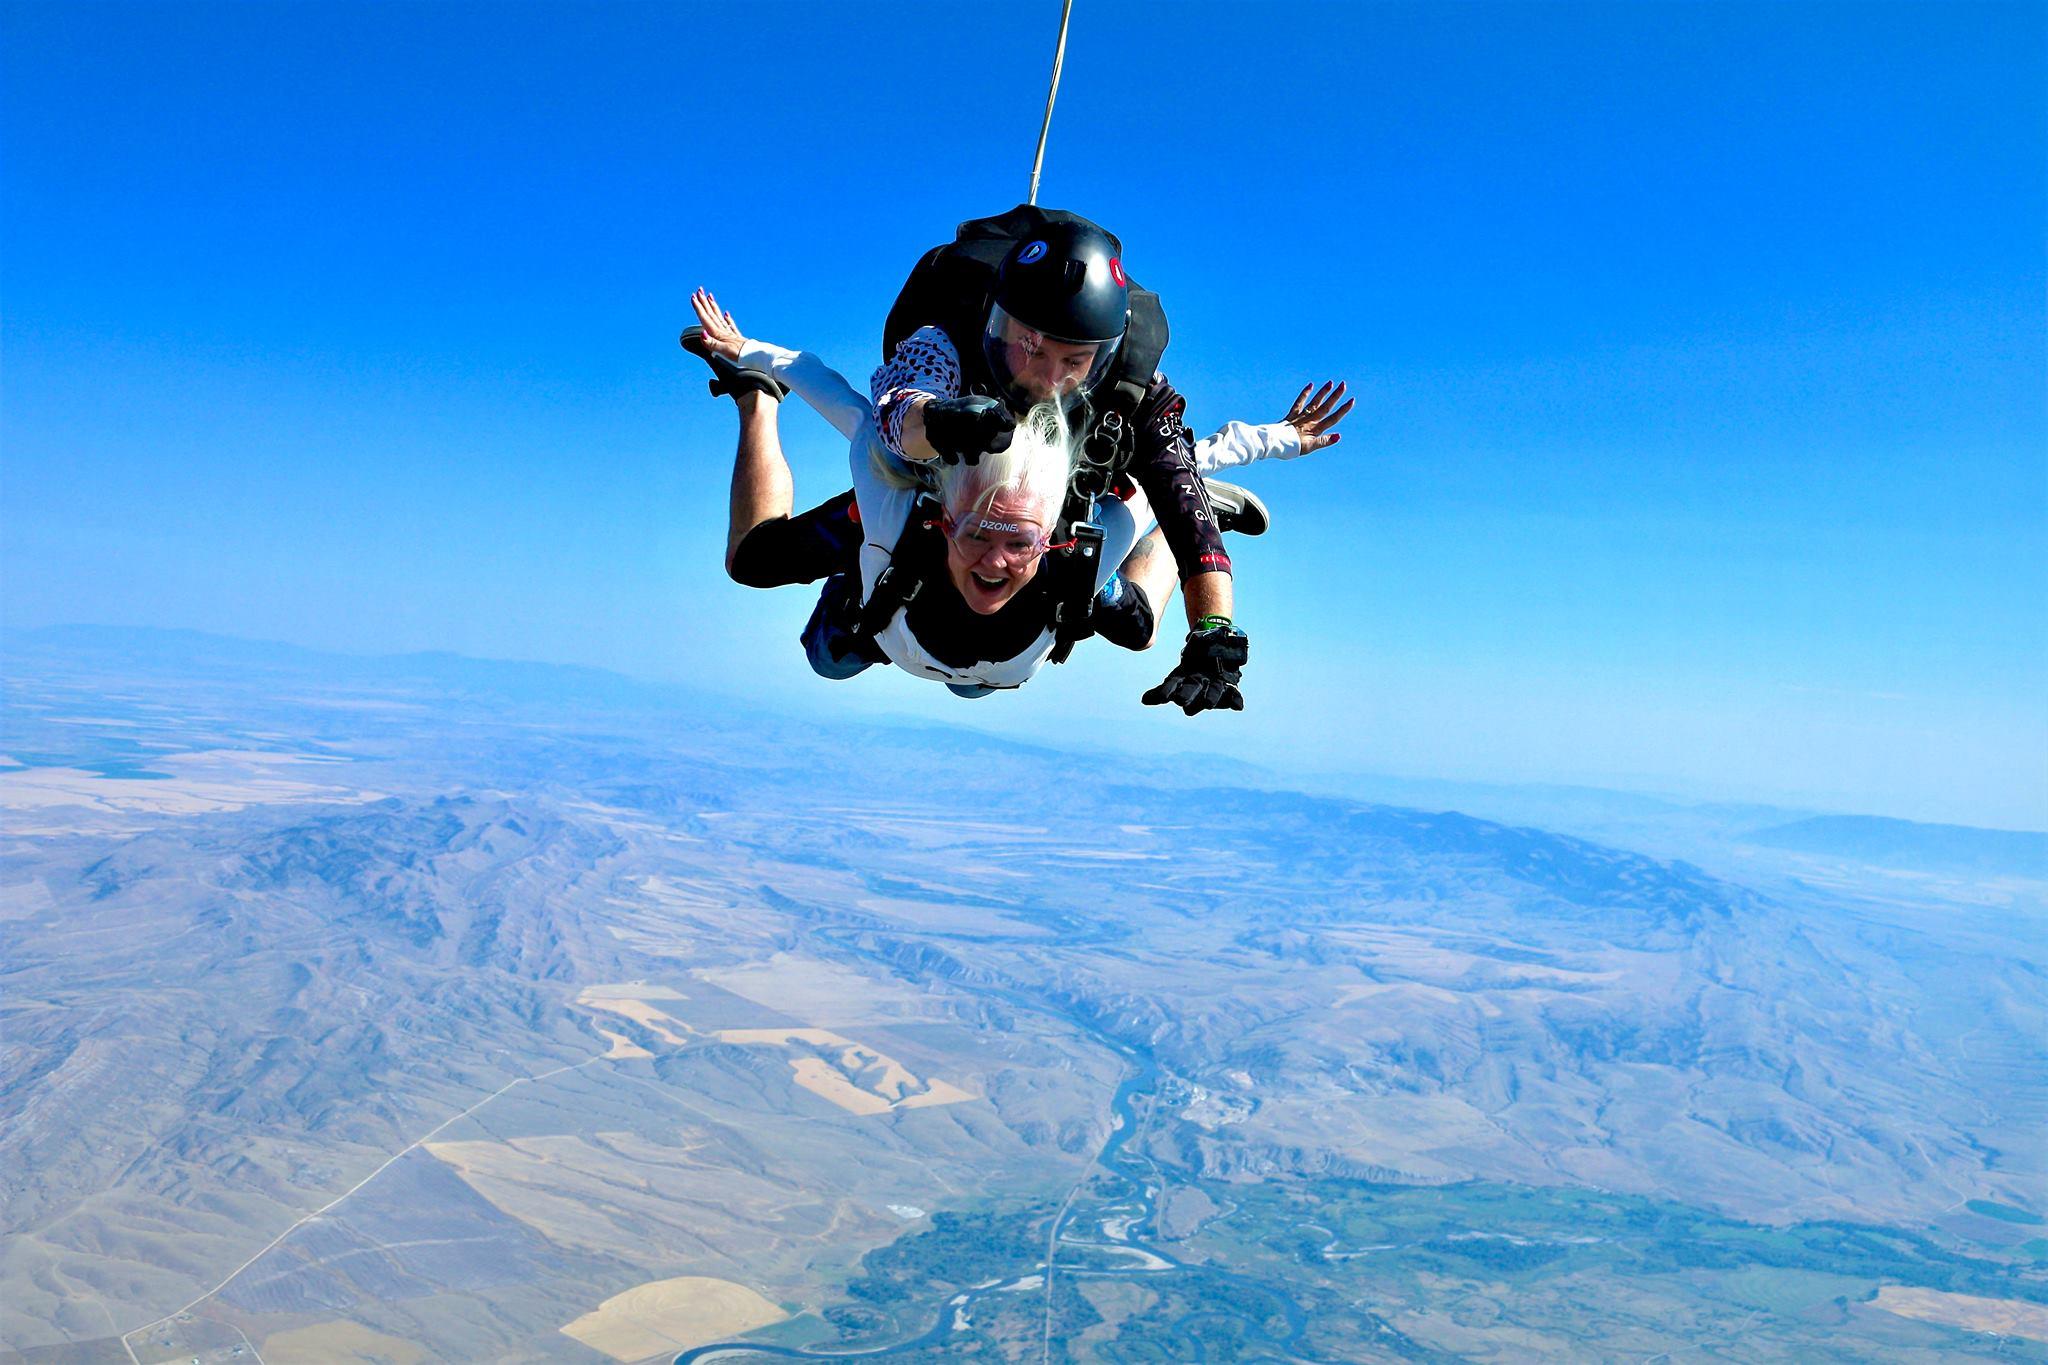 Skydive at any age at DZONE® Skydiving